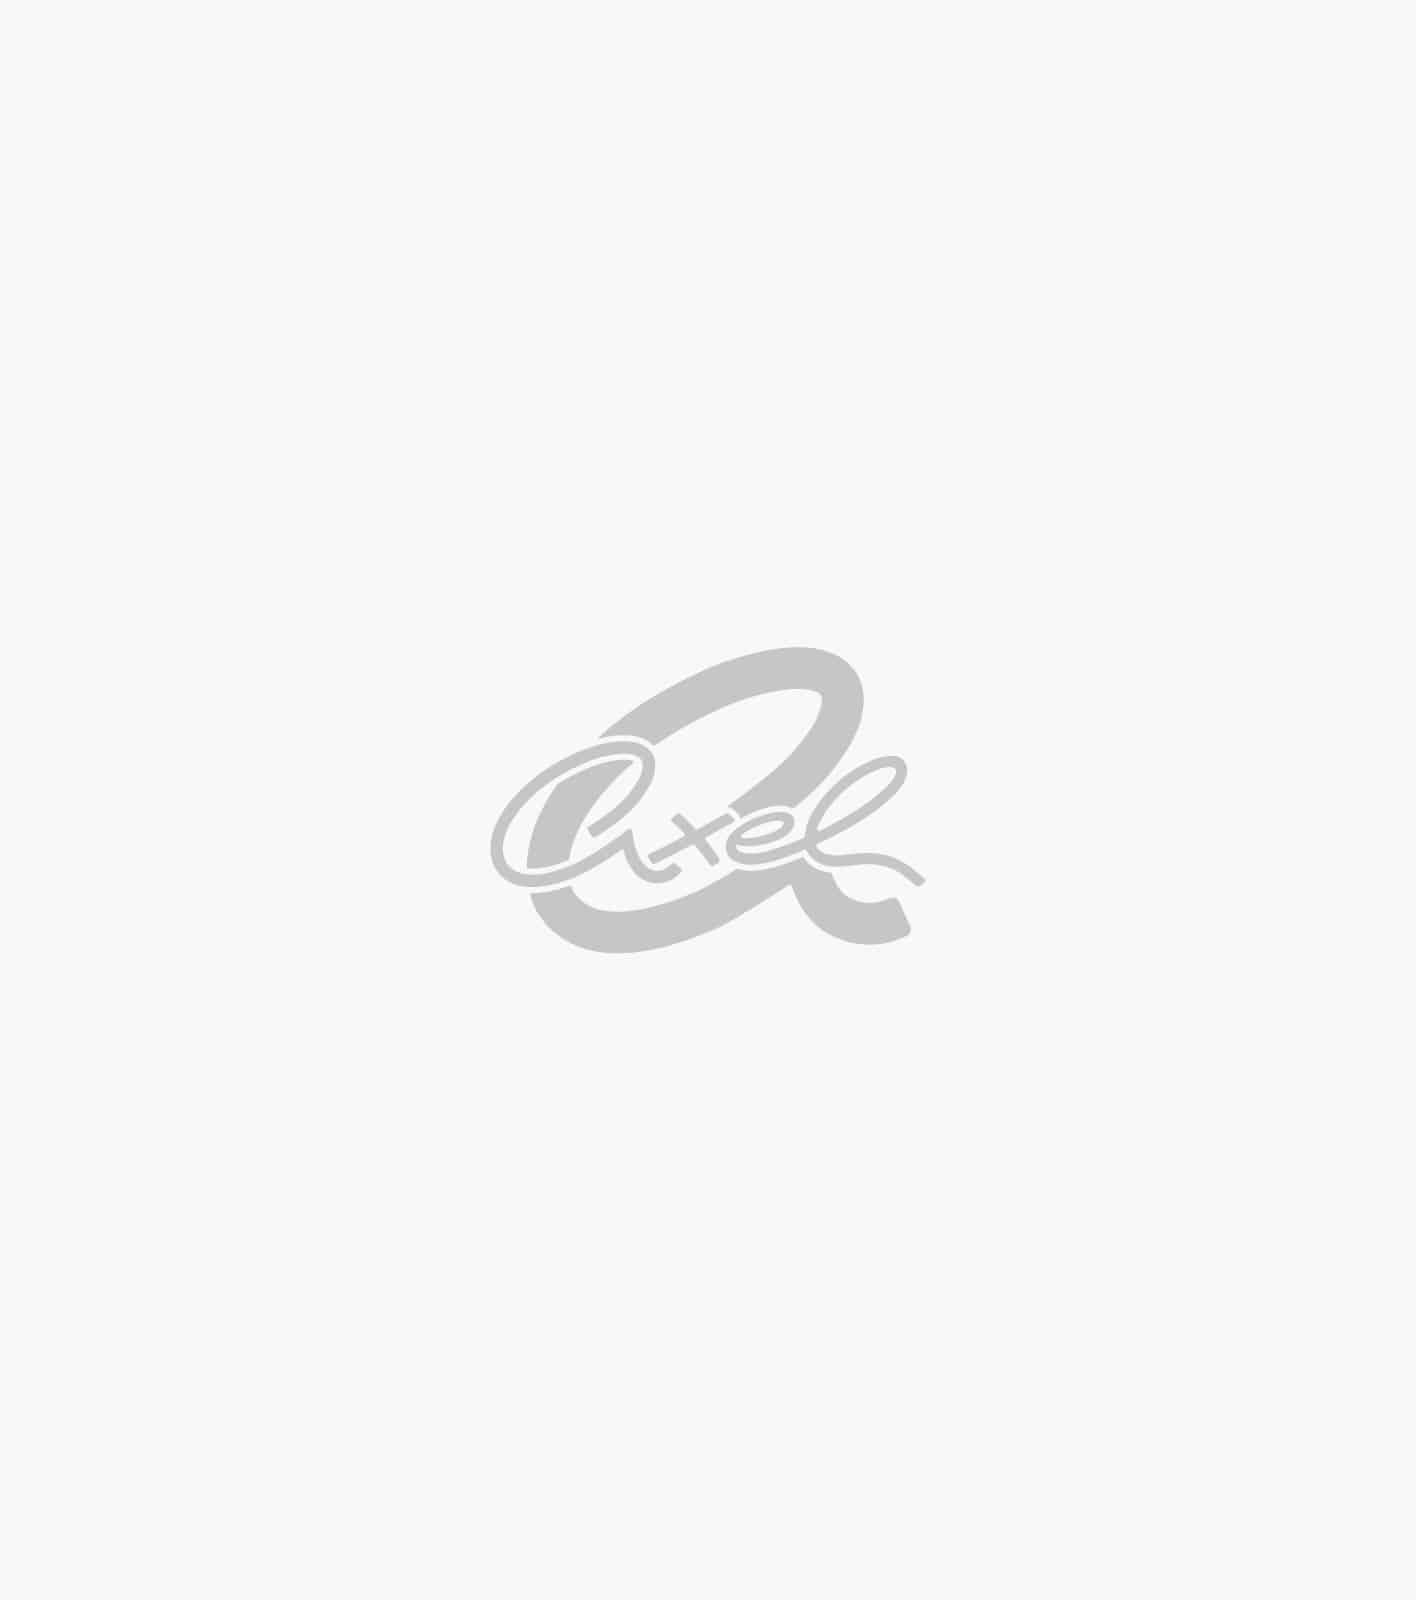 9cdb88f15a34 Φορεματα καλοκαιρινα Axel online